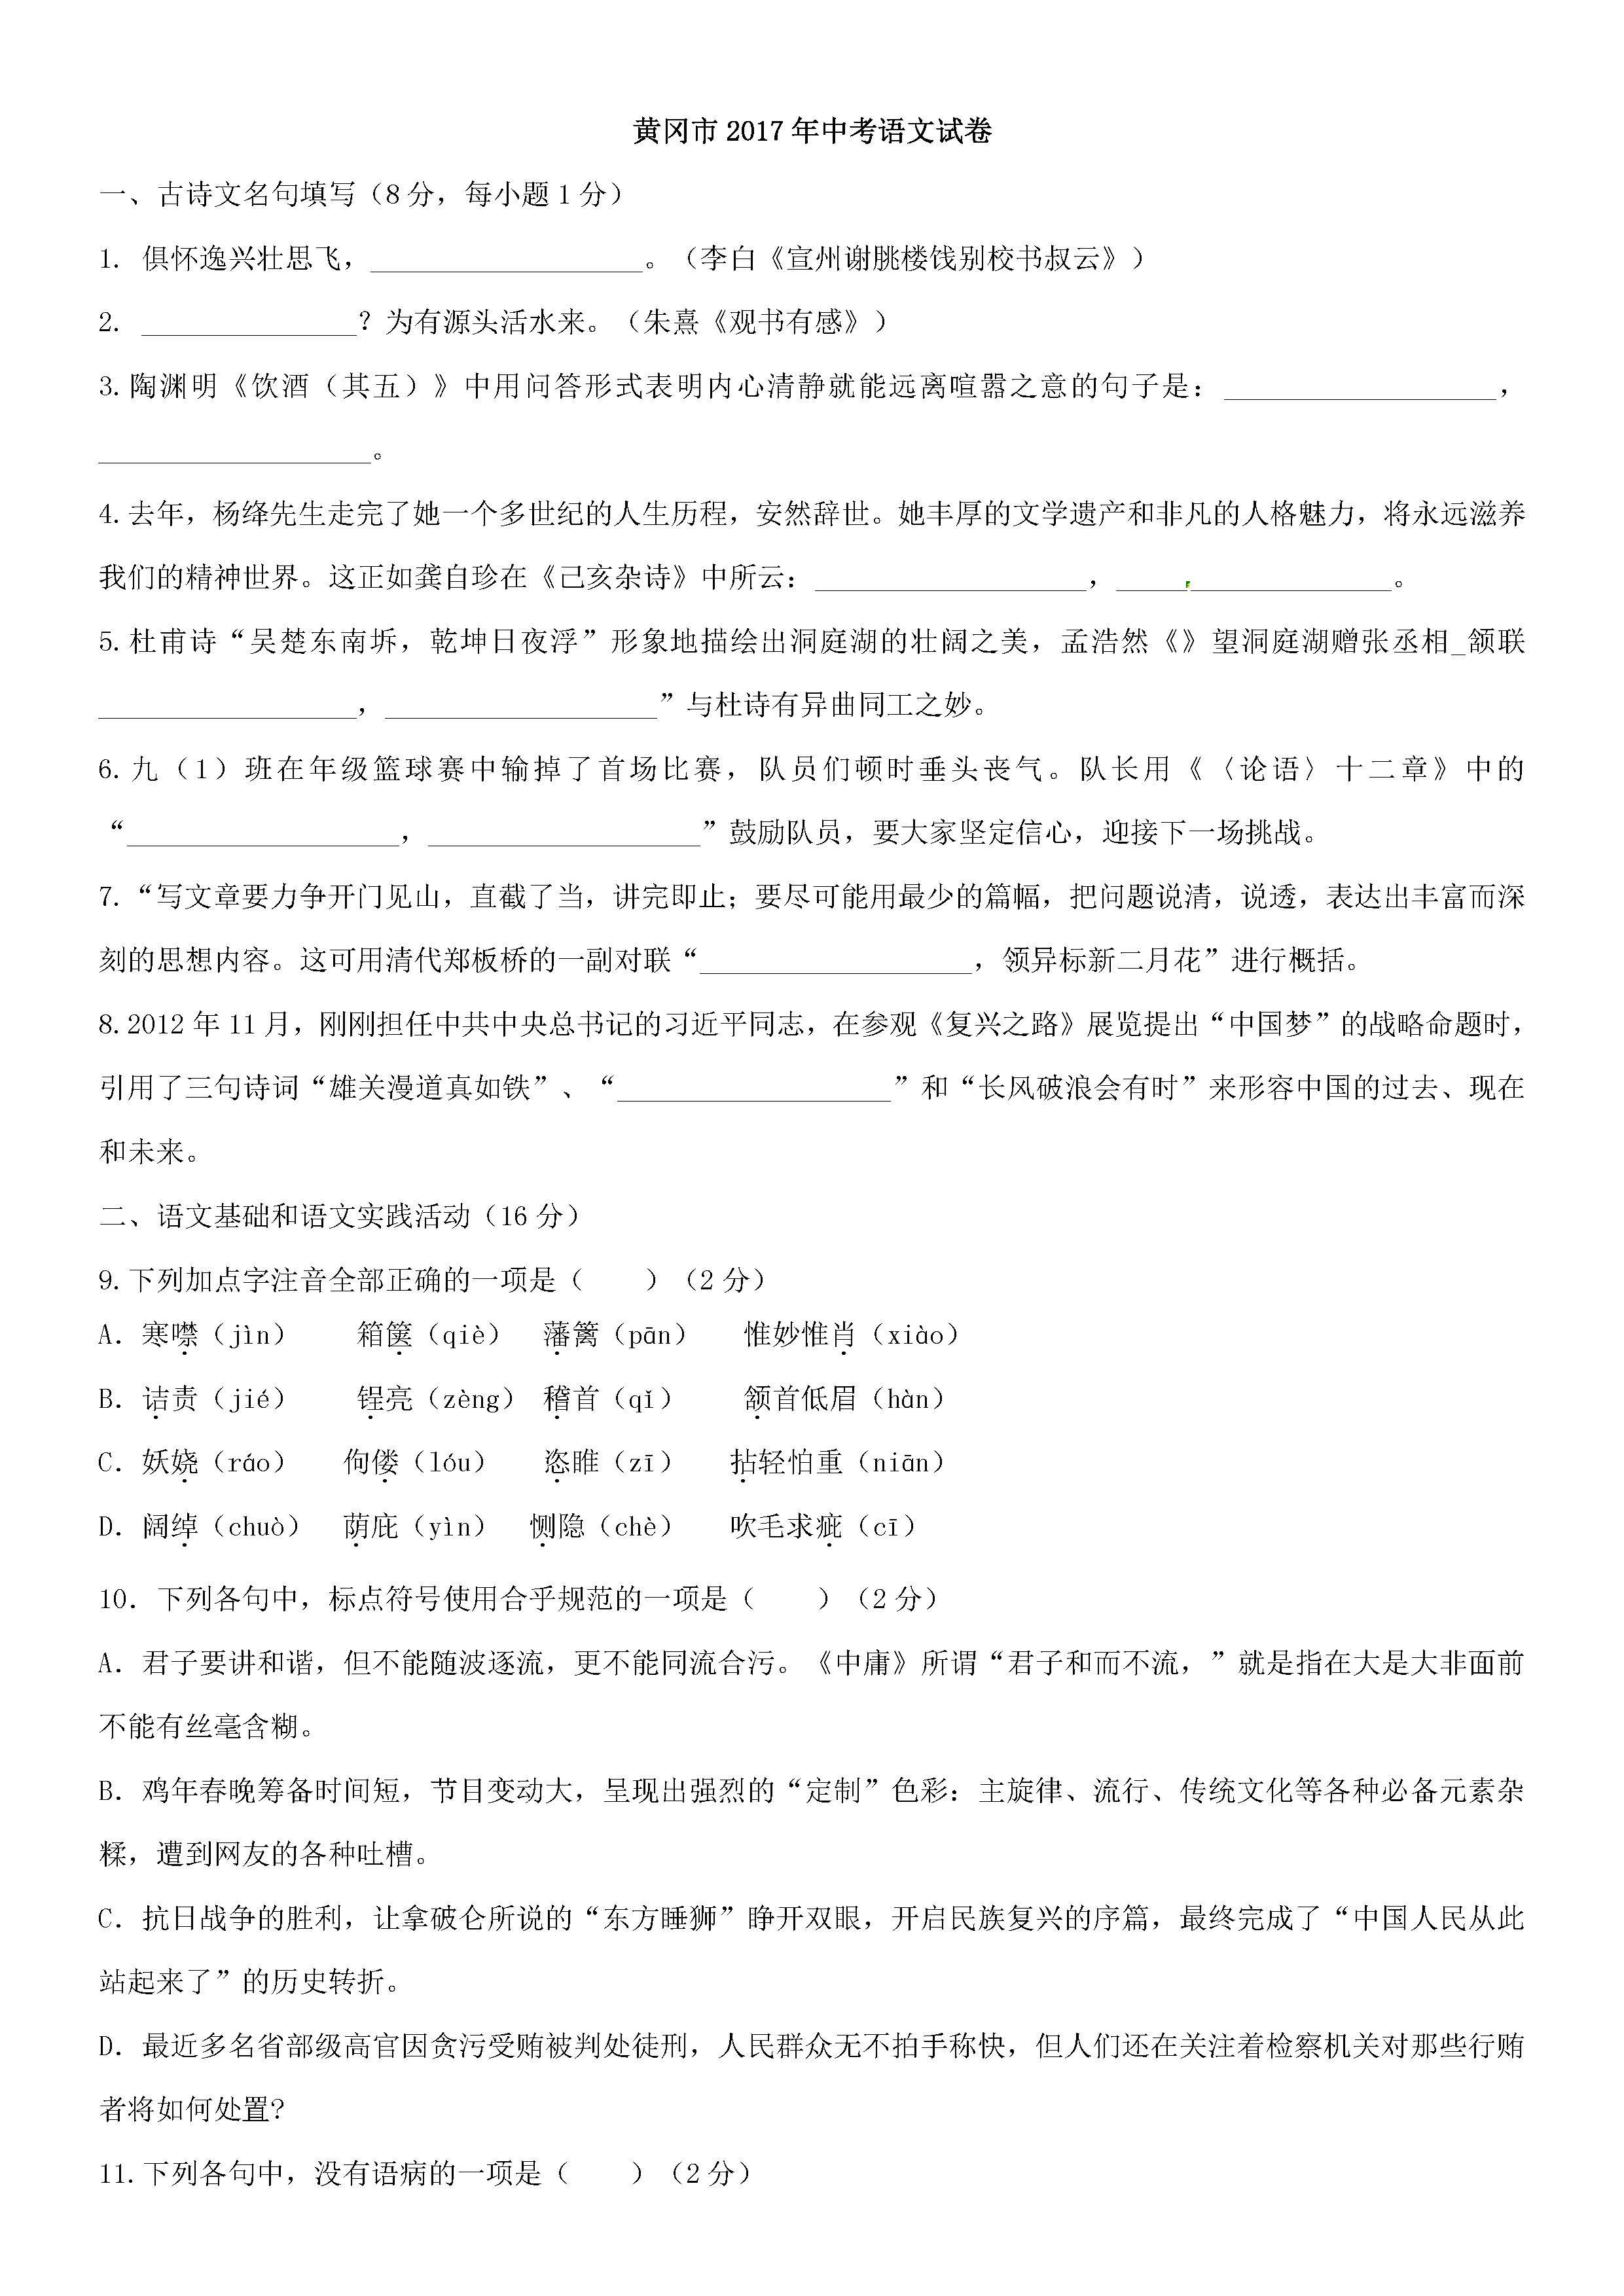 2017黄冈中考语文试题及答案解析(图片版含答案)